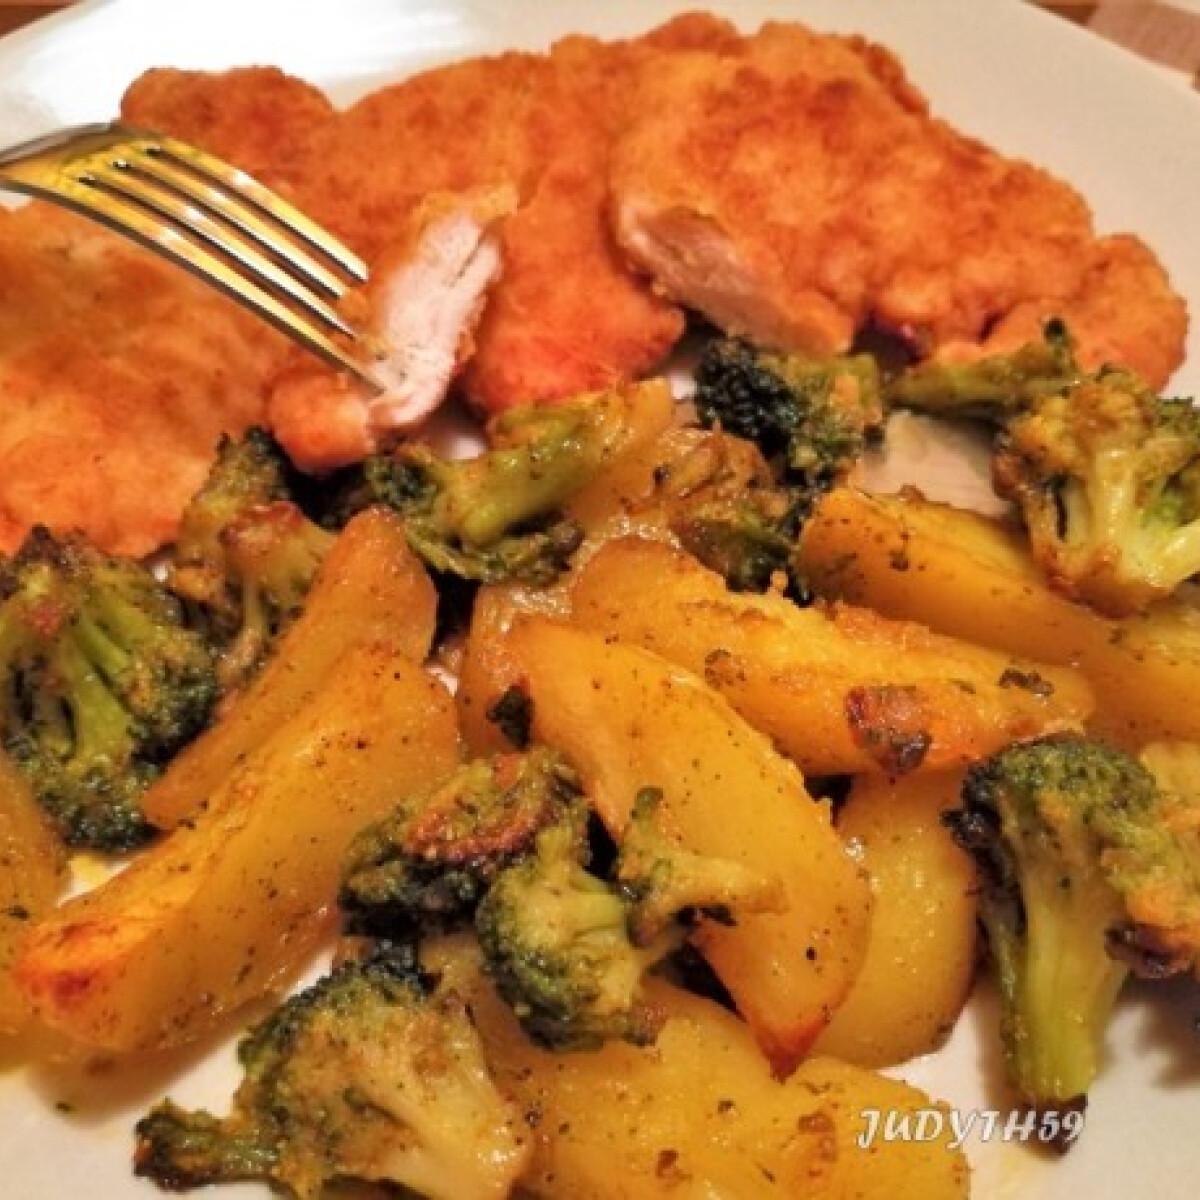 Frissen sült csirkemell - sütőben sült zöldségkörettel